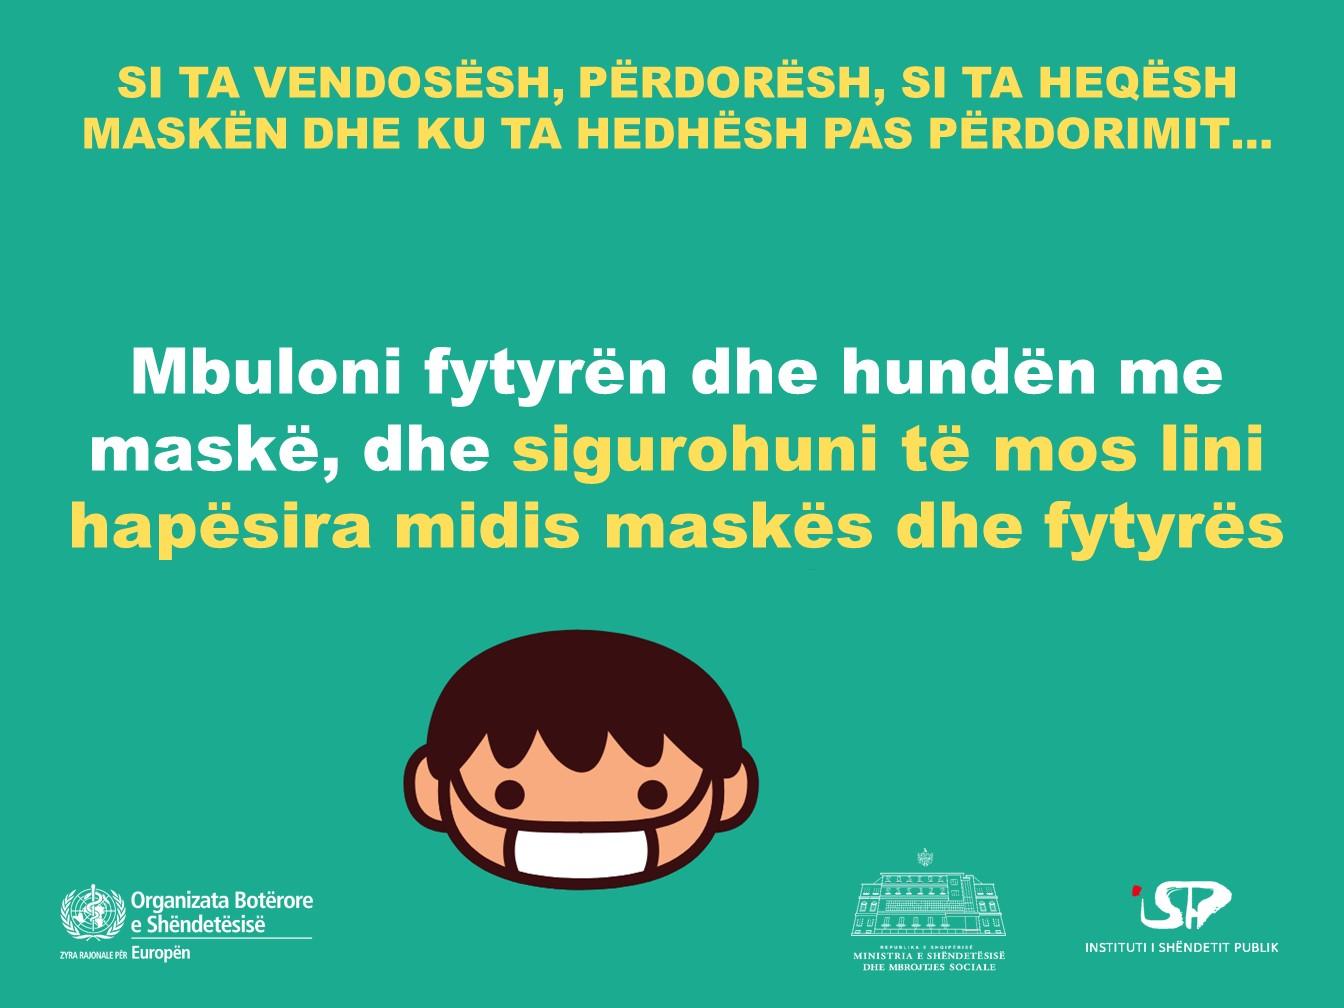 si-ta-vendosim-masken-poster-1